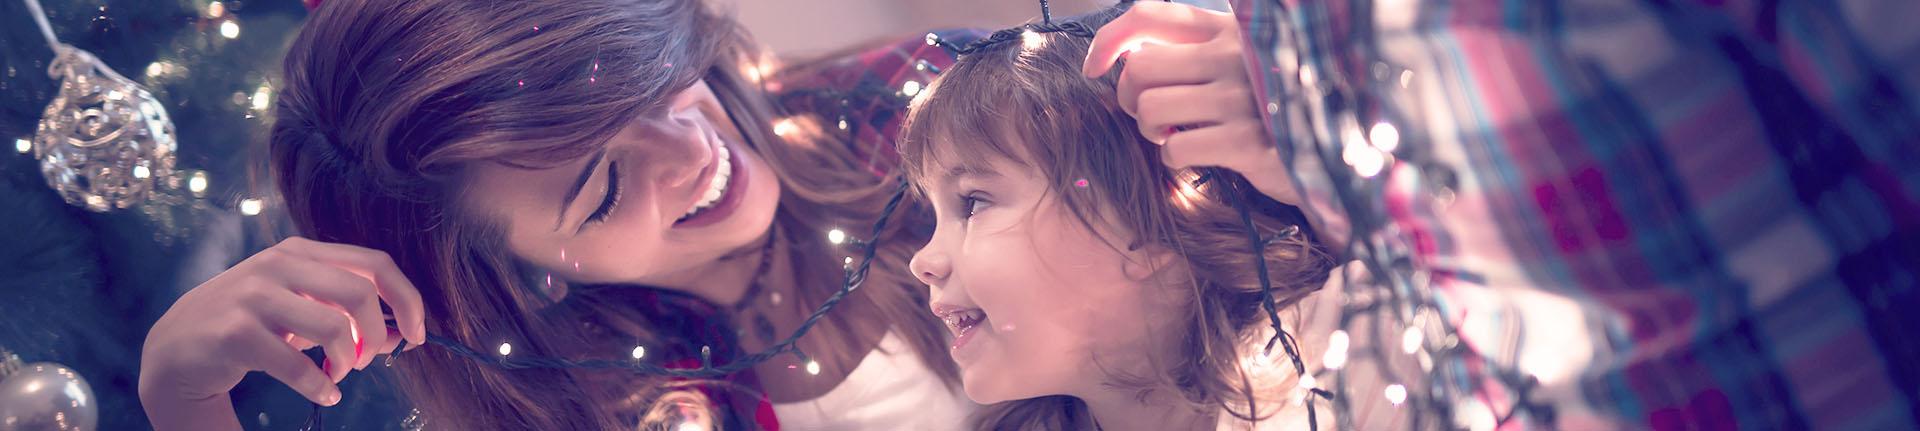 Decoração natalina: Algumas ideias sustentáveis